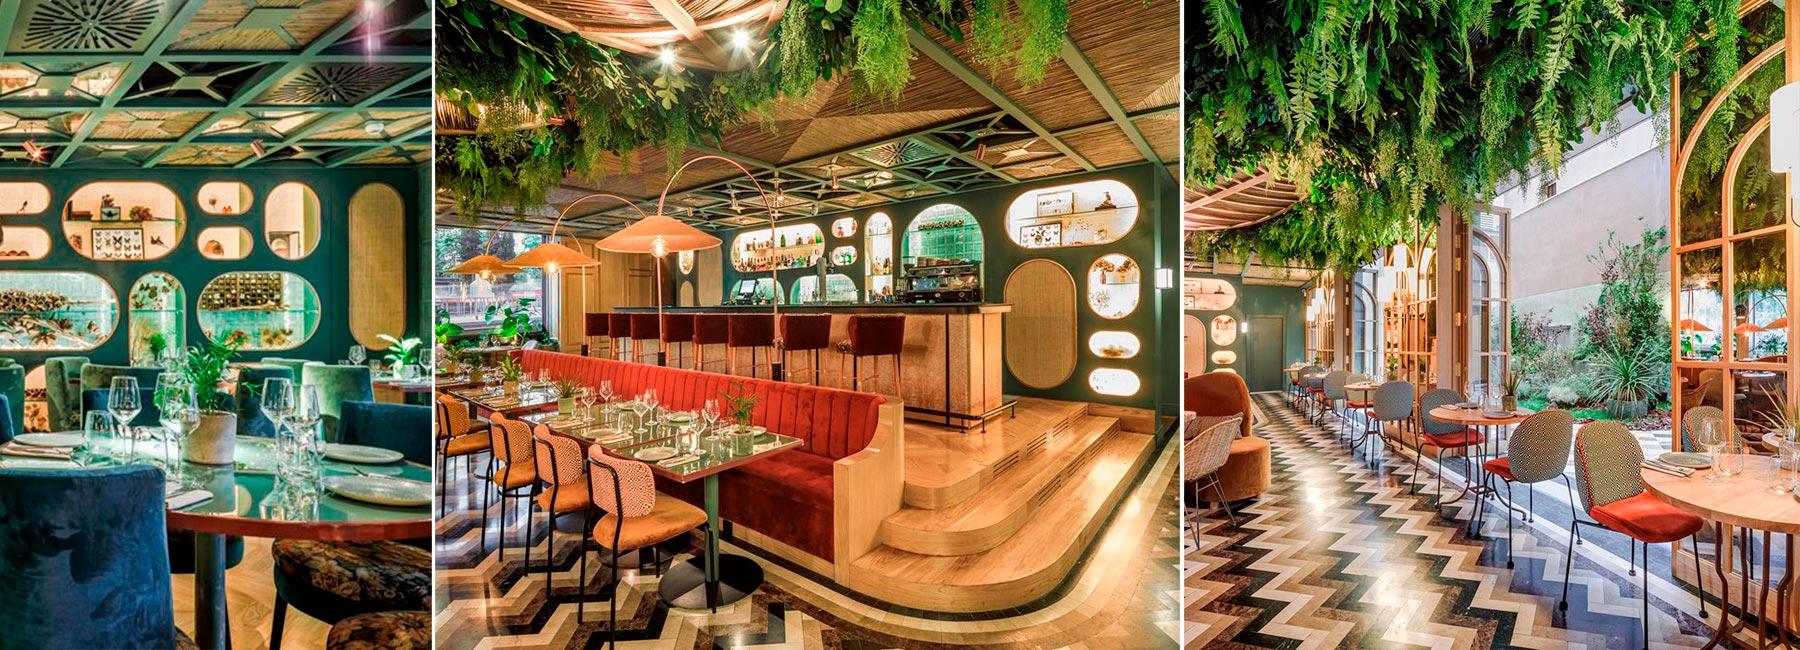 Растительное оформление ресторана Botania